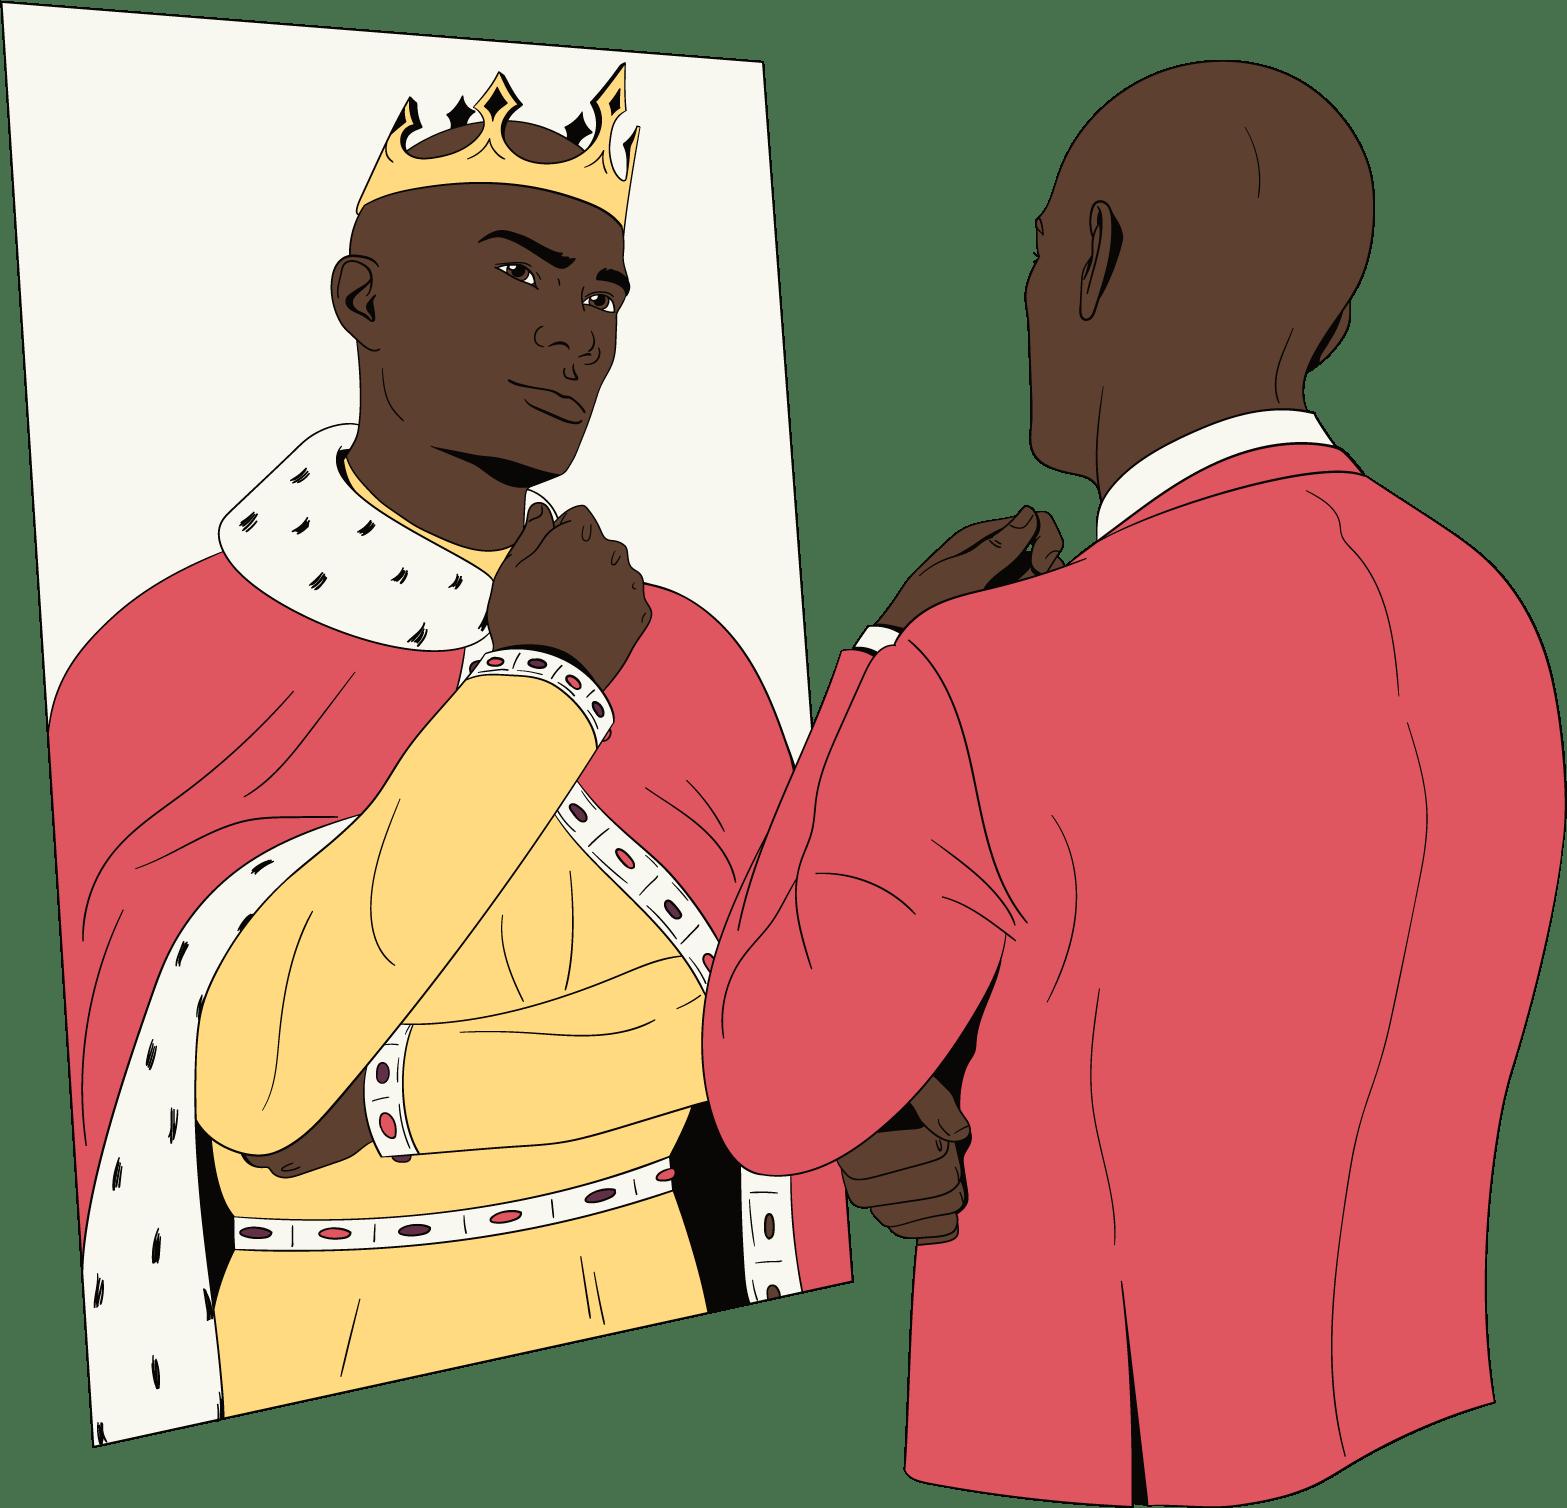 Een man kijkt in de spiegel en vindt zichzelf geweldig.